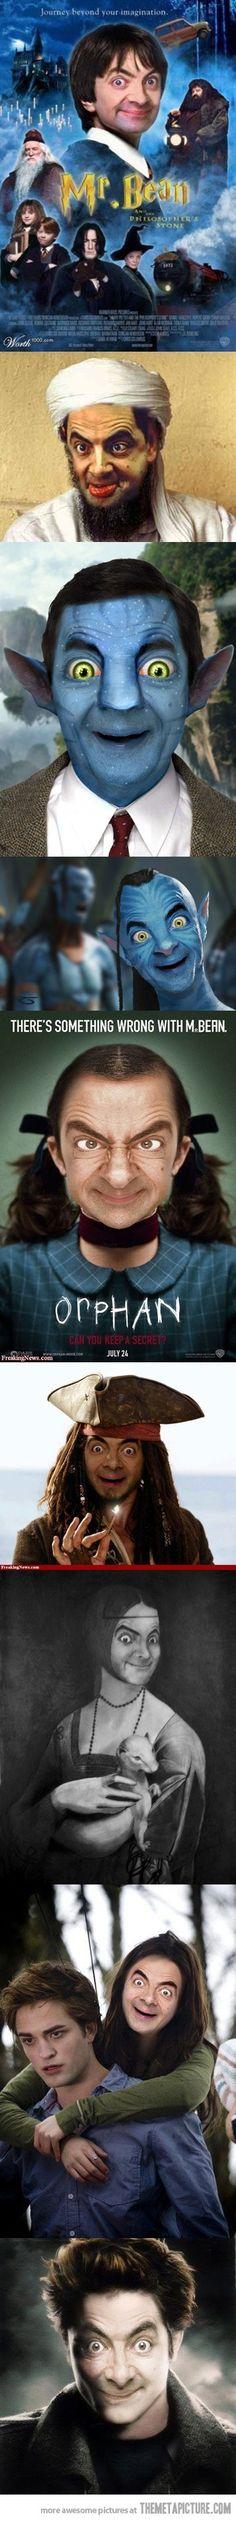 Mr. Bean strikes again!